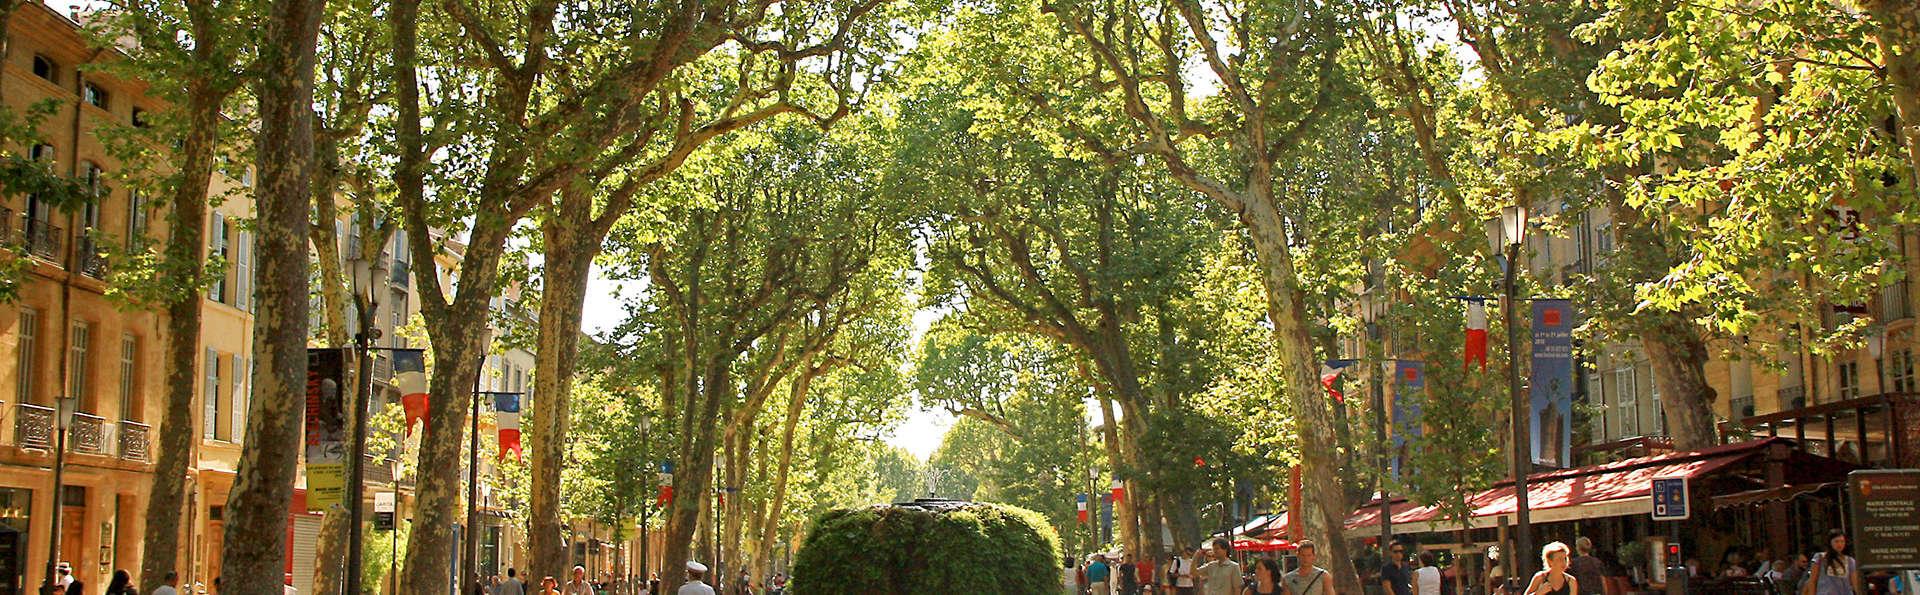 Mercure Aix-en-Provence Sainte-Victoire - edit_Cours_Mirabeau__Aix-en-Provence.jpg